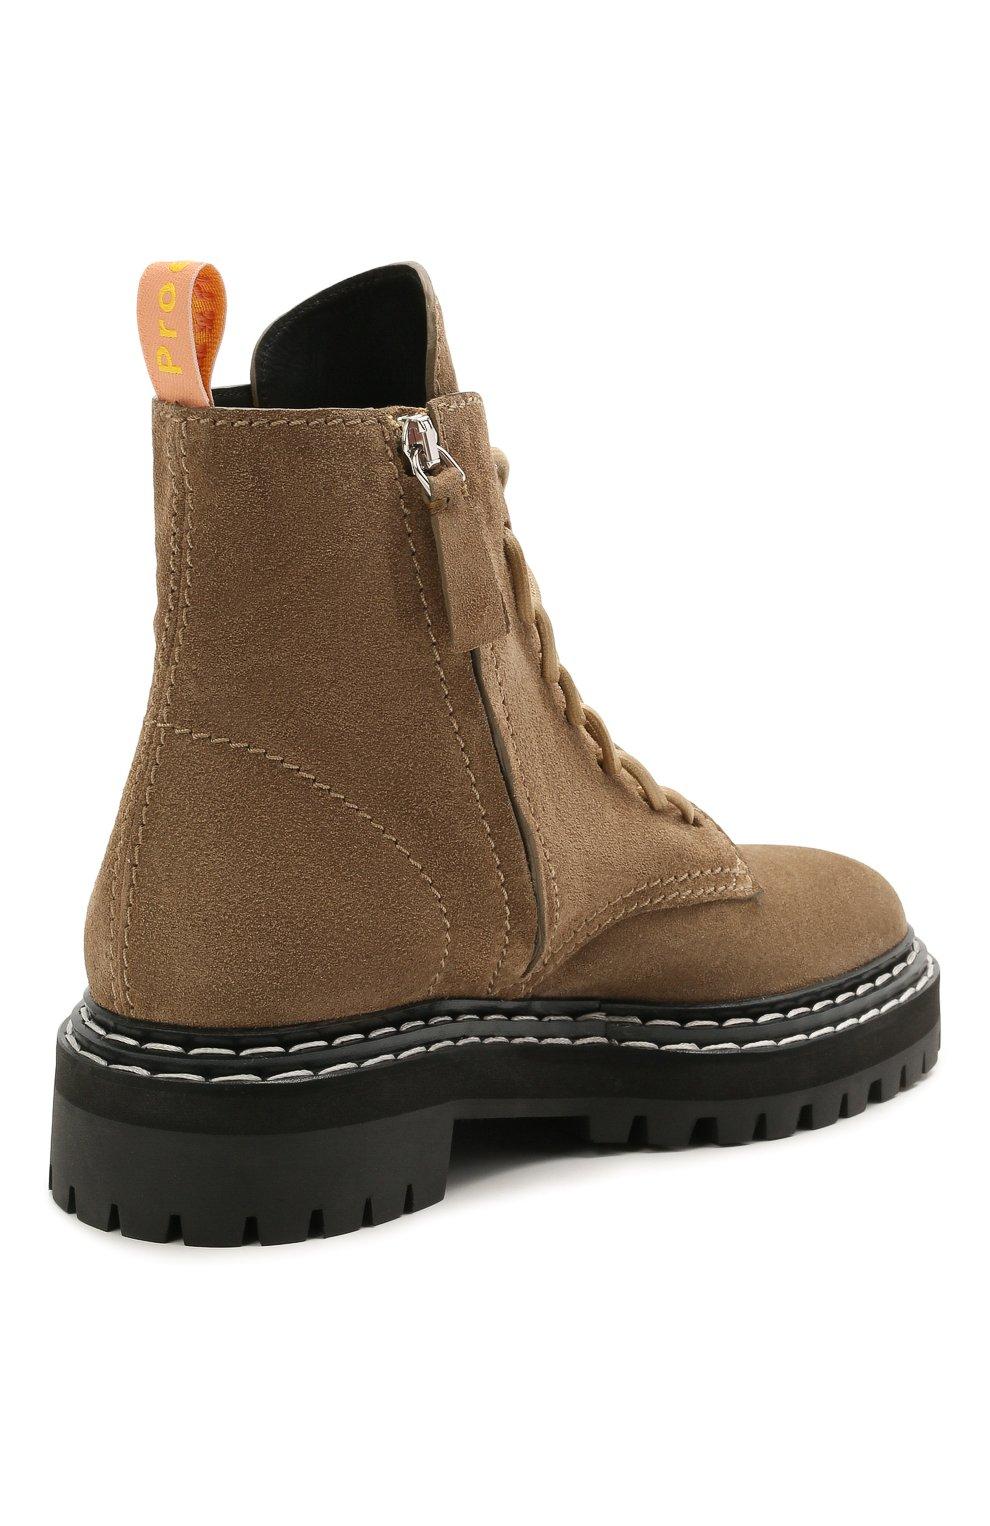 Женские замшевые ботинки PROENZA SCHOULER светло-коричневого цвета, арт. PS35113A/13070 | Фото 4 (Подошва: Платформа; Материал внешний: Кожа, Замша; Каблук высота: Низкий; Женское Кросс-КТ: Военные ботинки; Материал внутренний: Натуральная кожа)